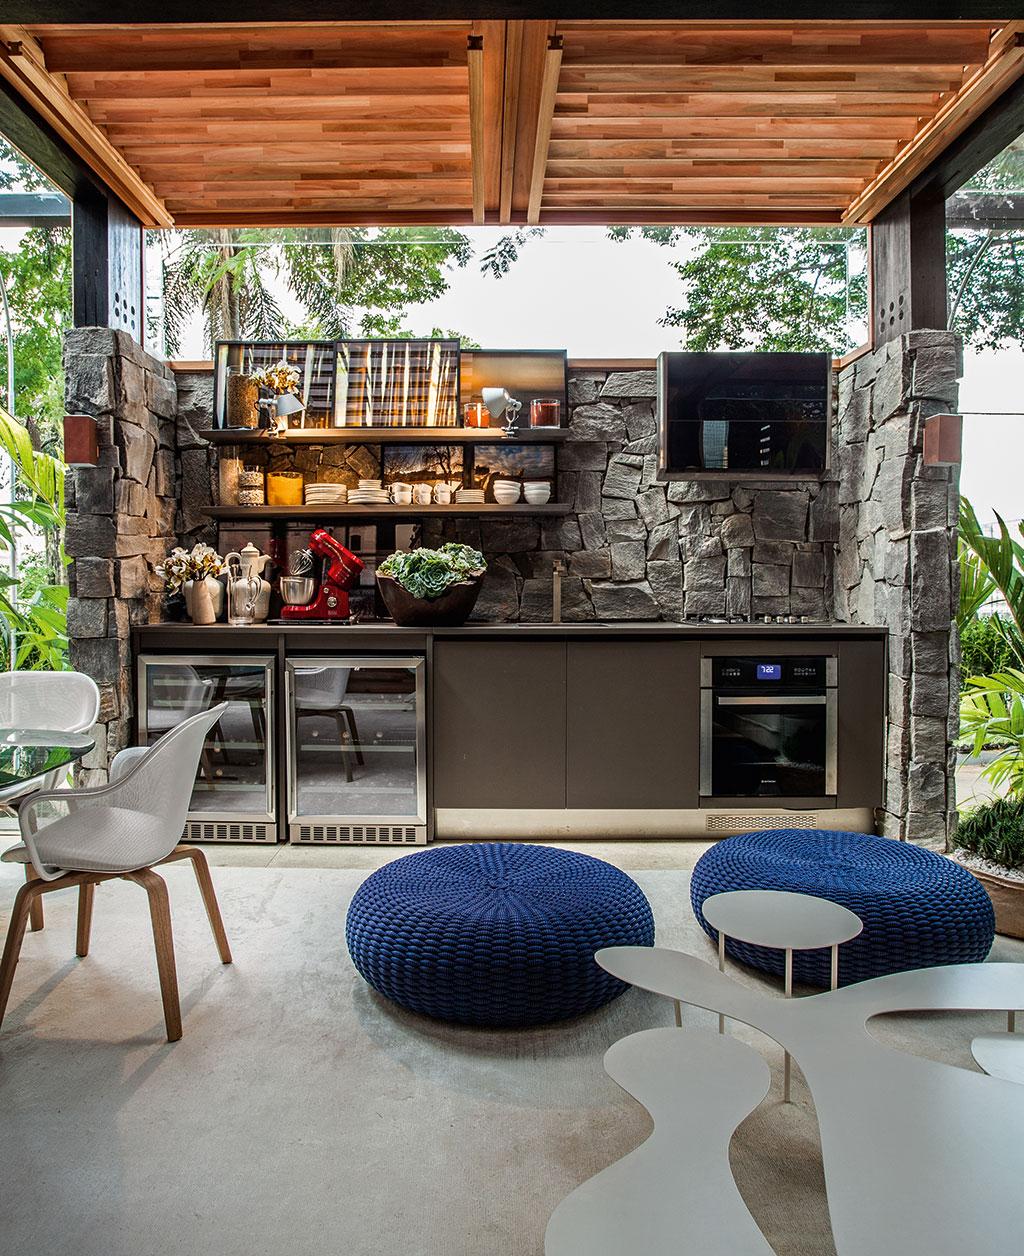 Ana neuber design de interiores cozinhas lindas modernas for Casa moderna tecnologica